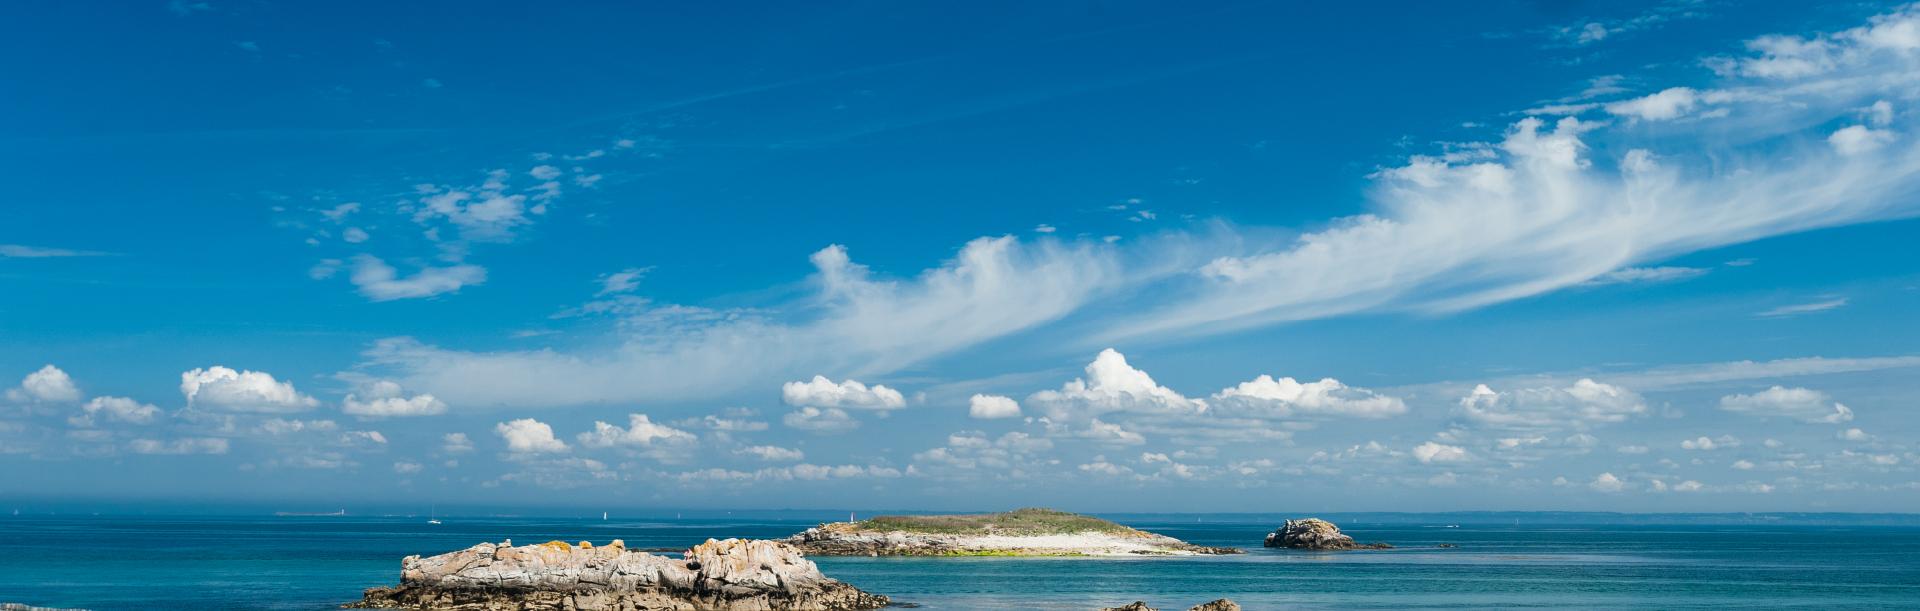 iles glenan plage sable blanc ciel bleu